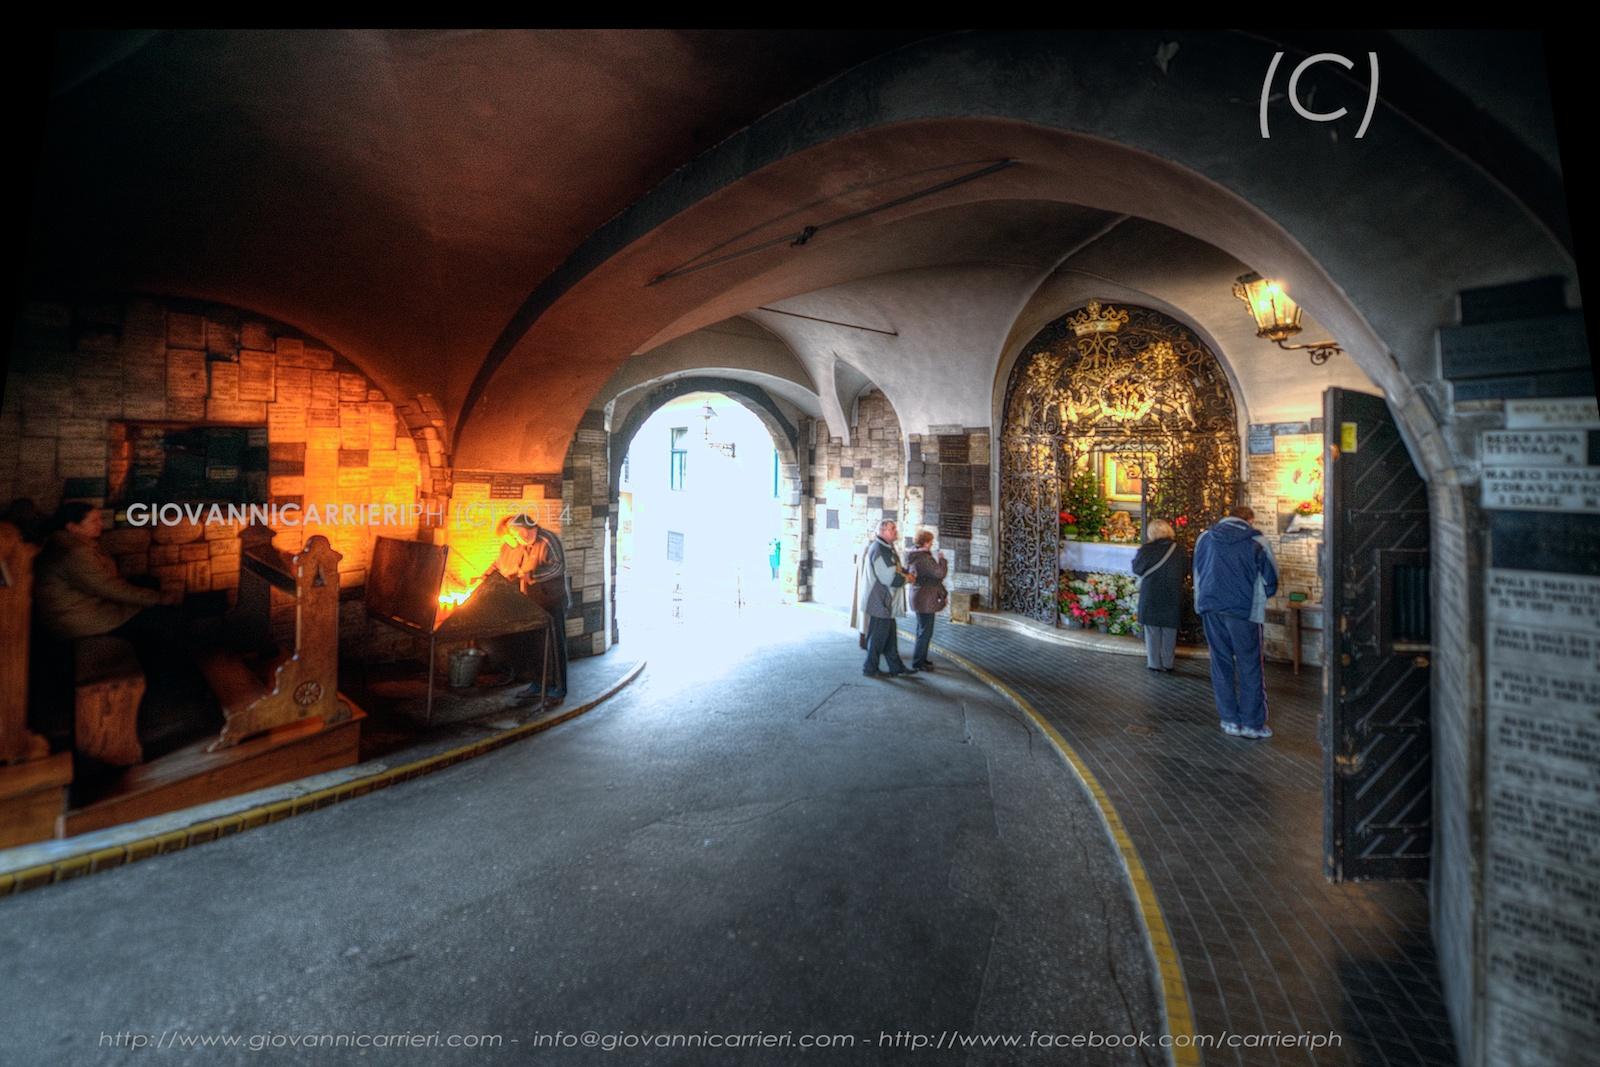 Il varco di pietra, una piccola cappella votiva arricchita da targhe commemorative e da una statua della Vergine Maria - Zagabria